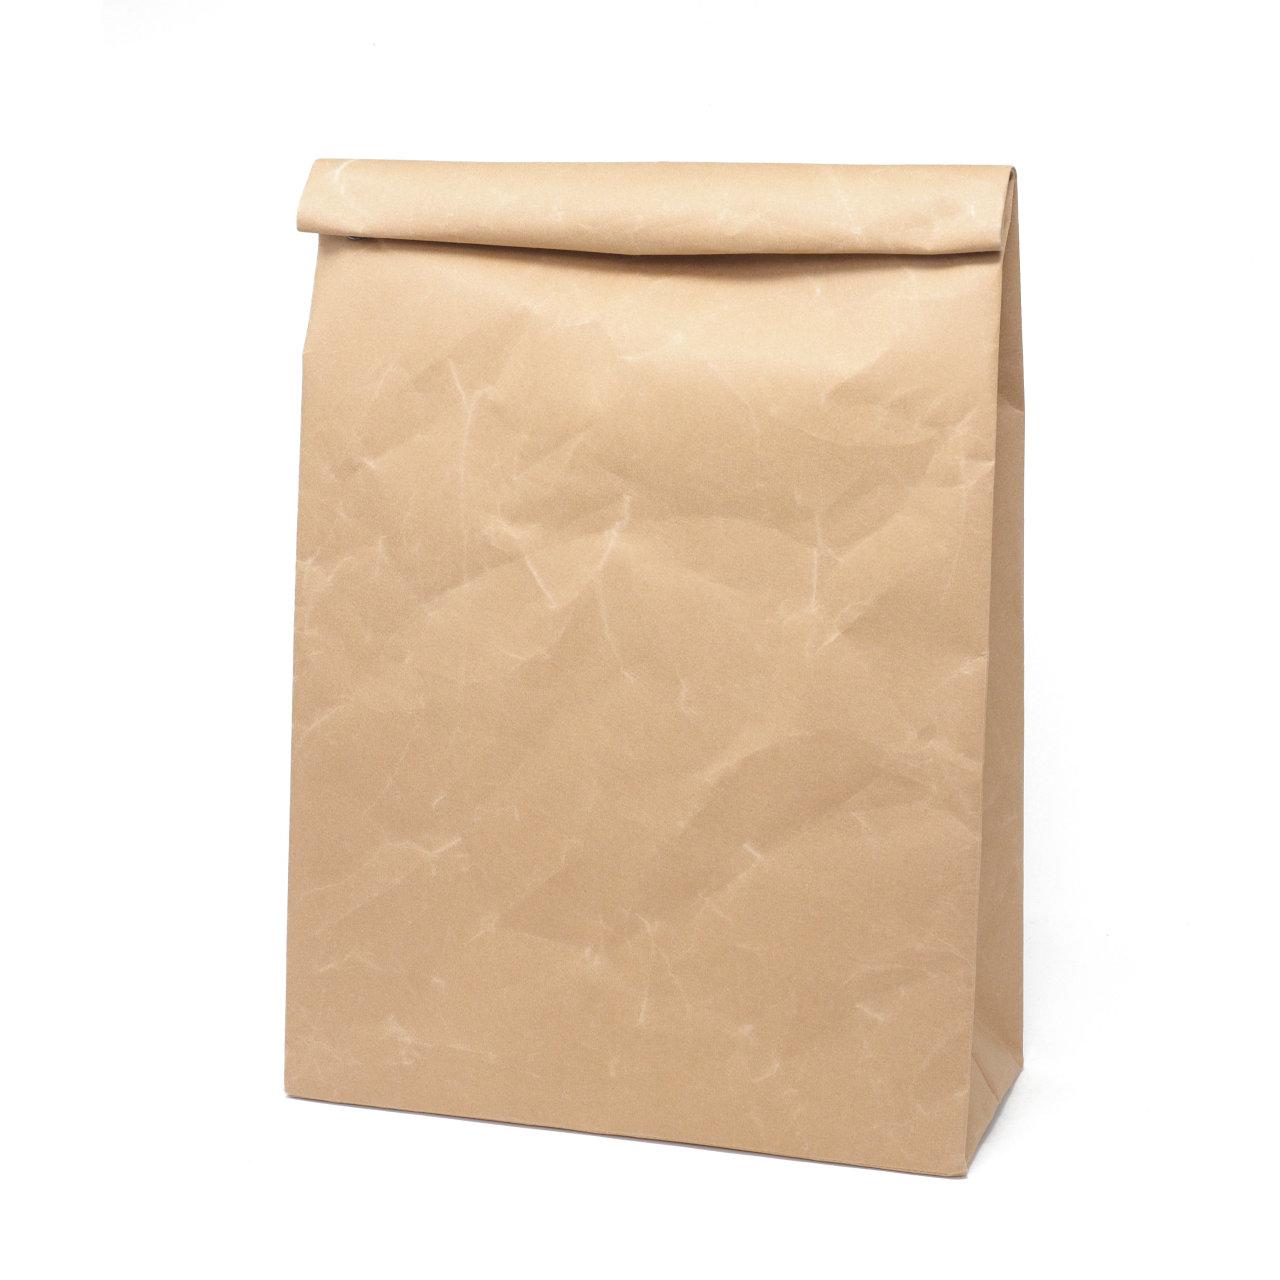 サムネイル:SIWA | 紙和 クラッチバッグ L ブラウン